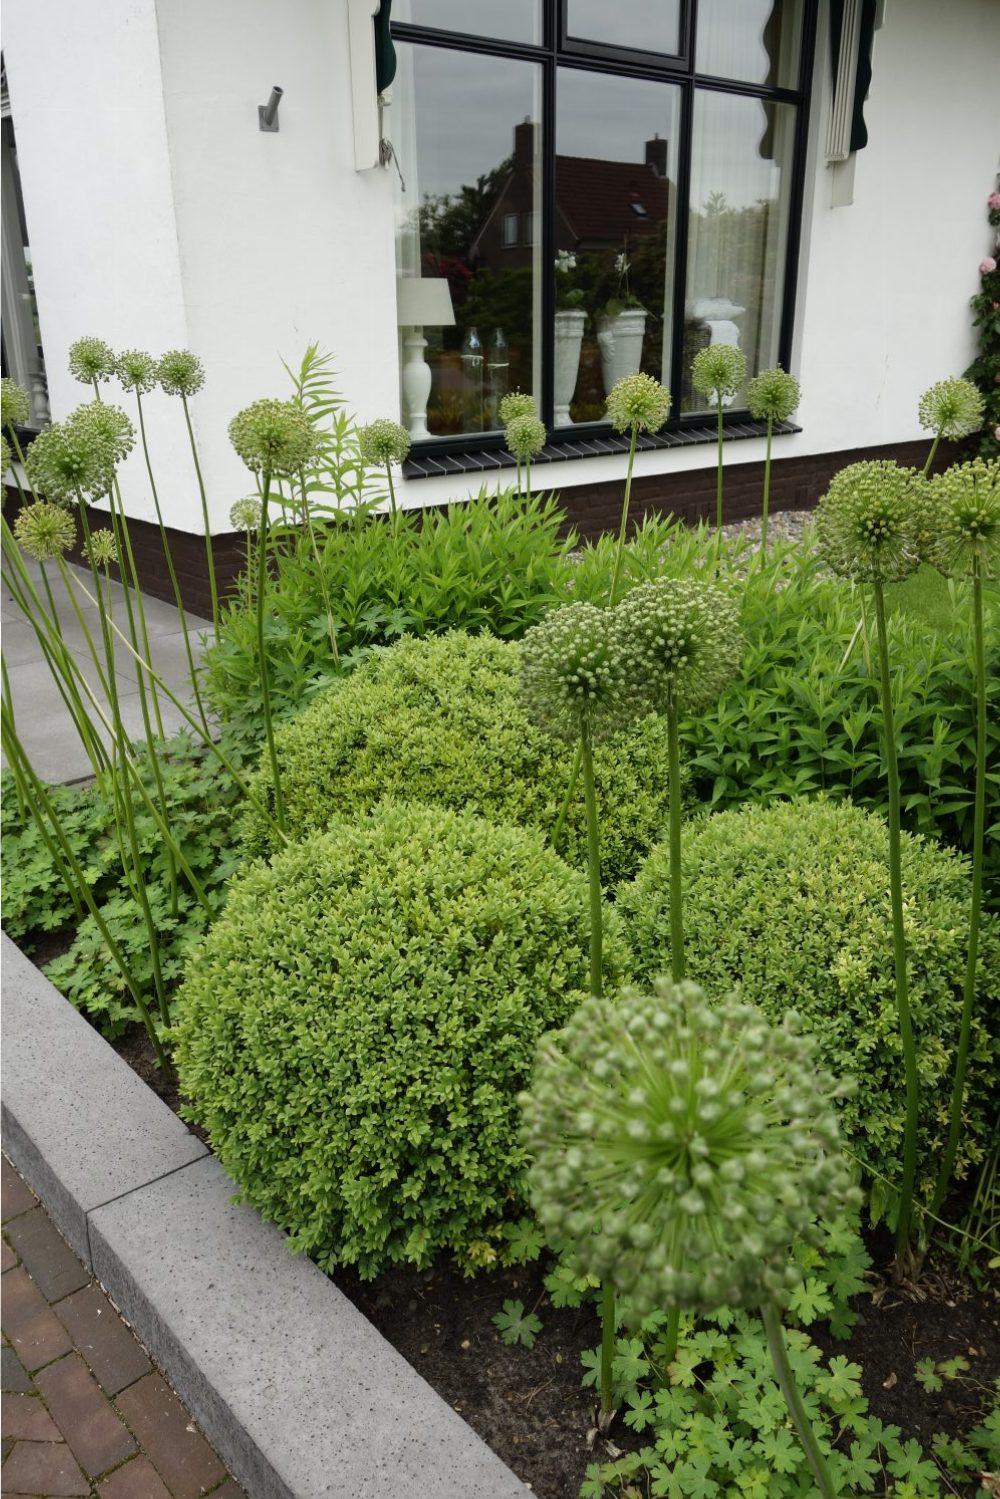 border groen bol allium voortuin tuinontwerp drenthe ©Groenerwaard